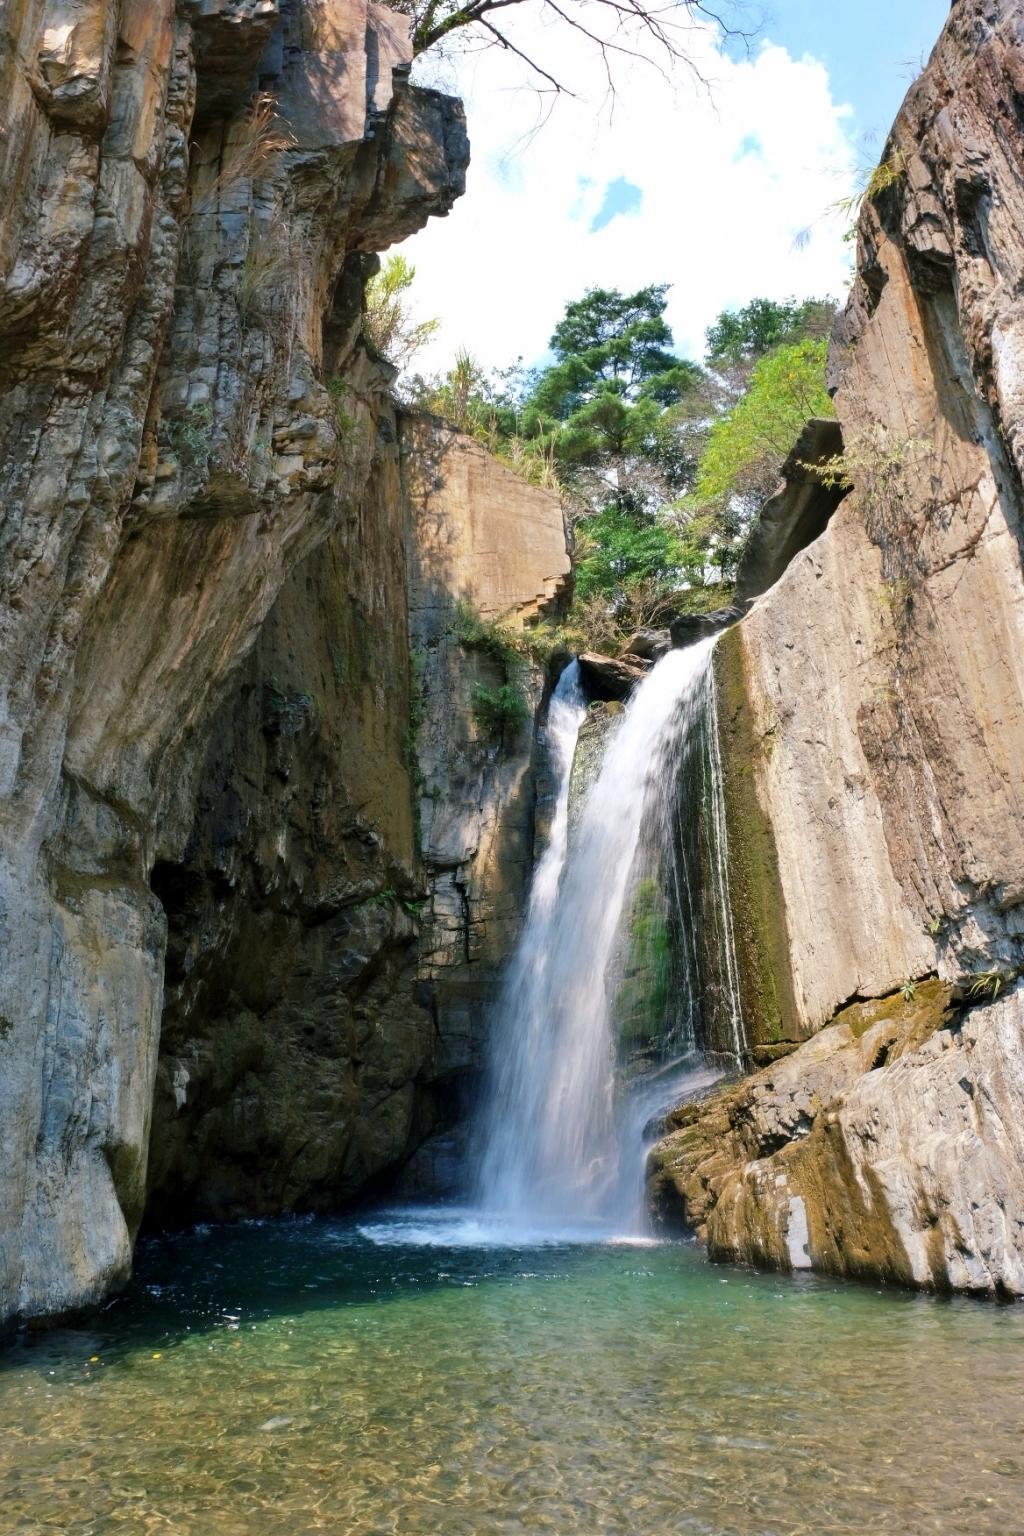 夢谷瀑布:步行5分鐘欣賞自然美景,15公尺高的懸谷式瀑布 @飛天璇的口袋